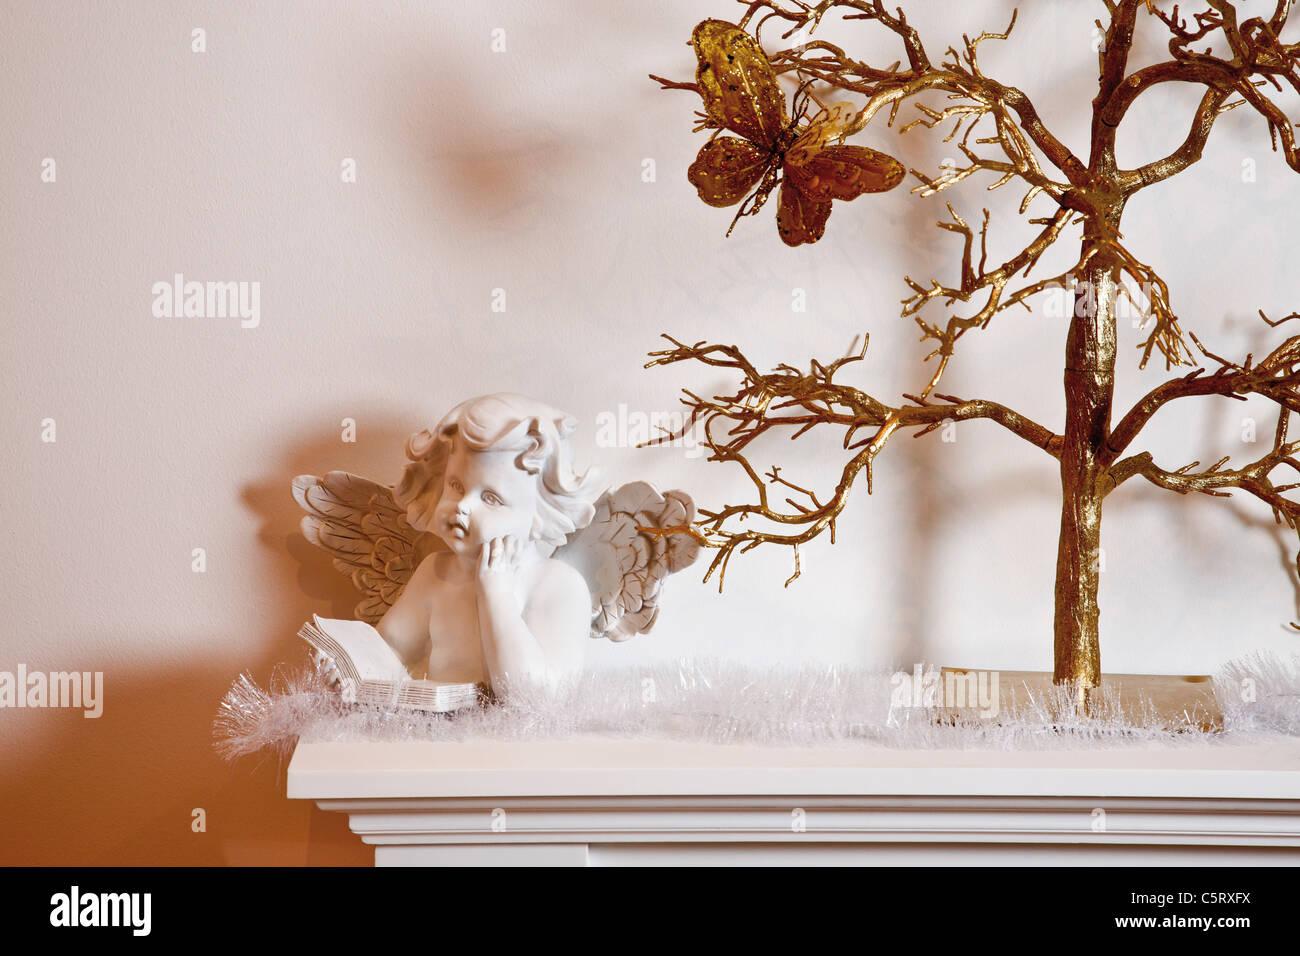 Christmas decoration on shelf - Stock Image